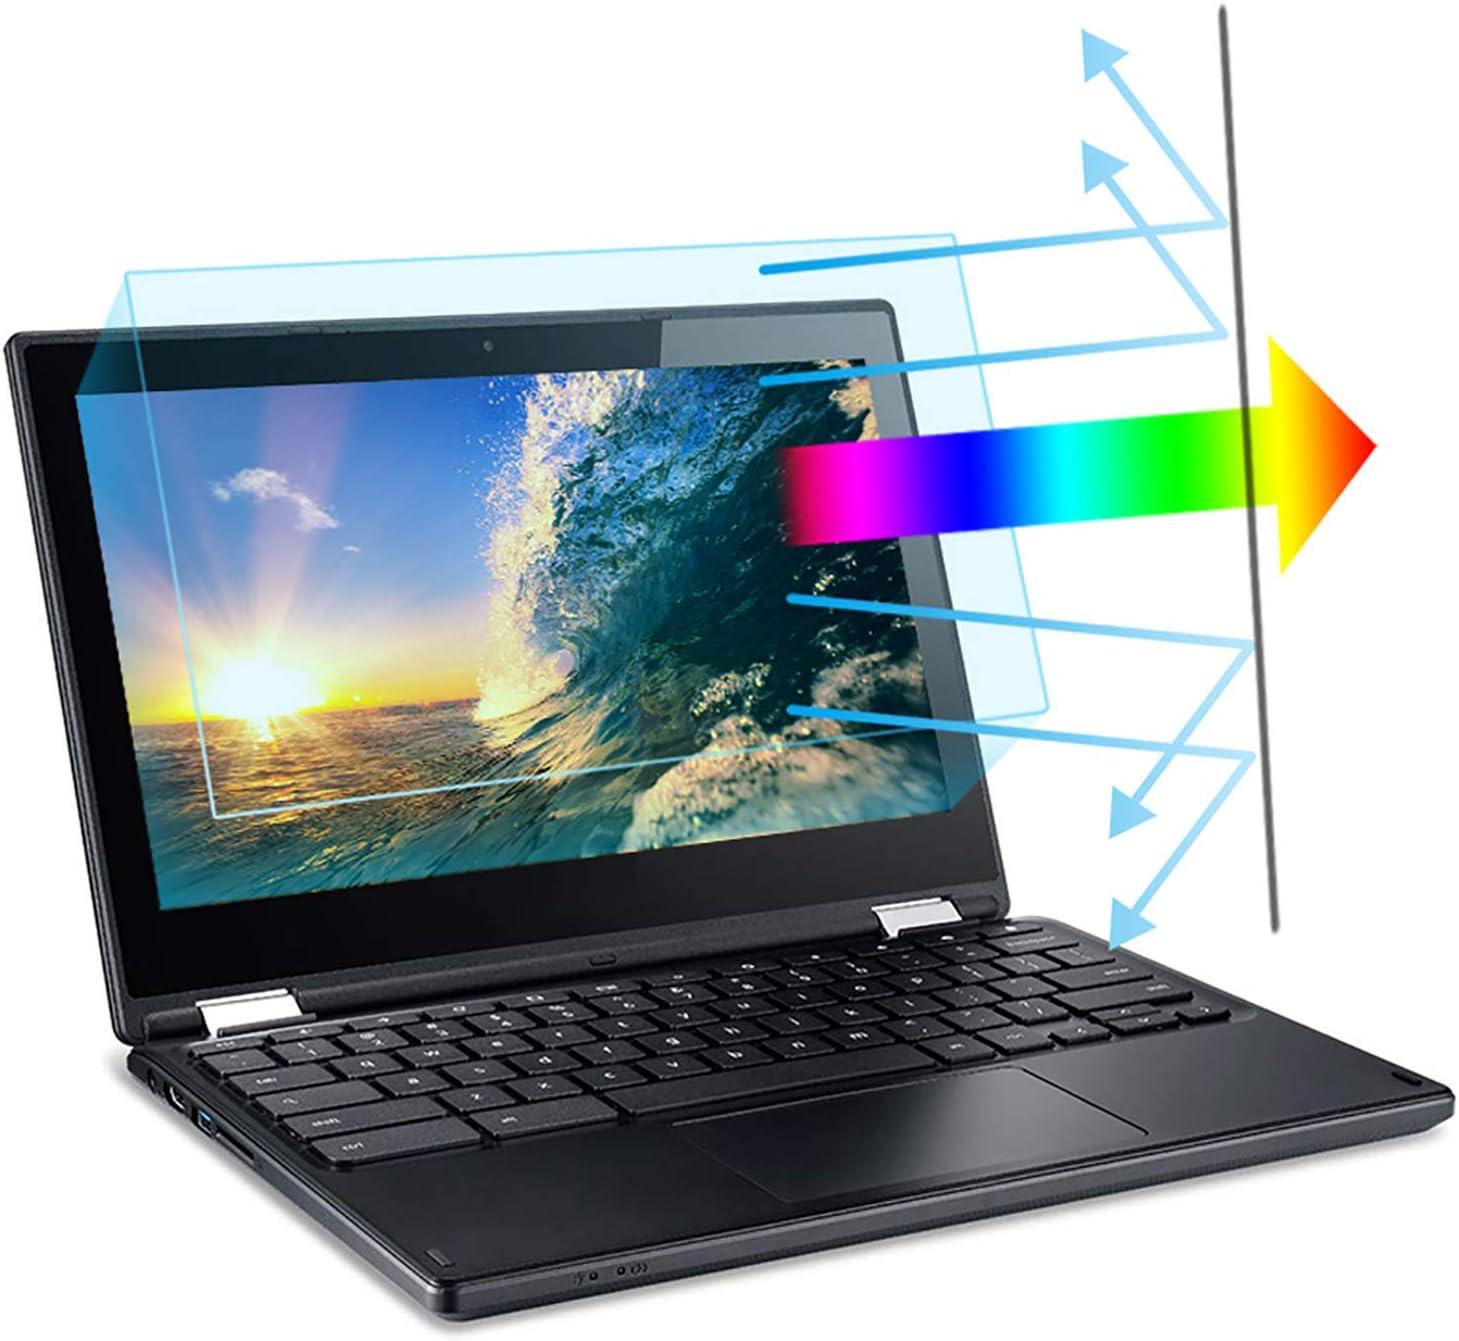 """11.6"""" Laptop Screen Protector 2 Pack. Blue Light Blocking & Anti Glare Filter Film Eye Protection Anti Blue Light Screen Protector for 11.6 Inch with 16:9 Aspect Ratio Laptop"""